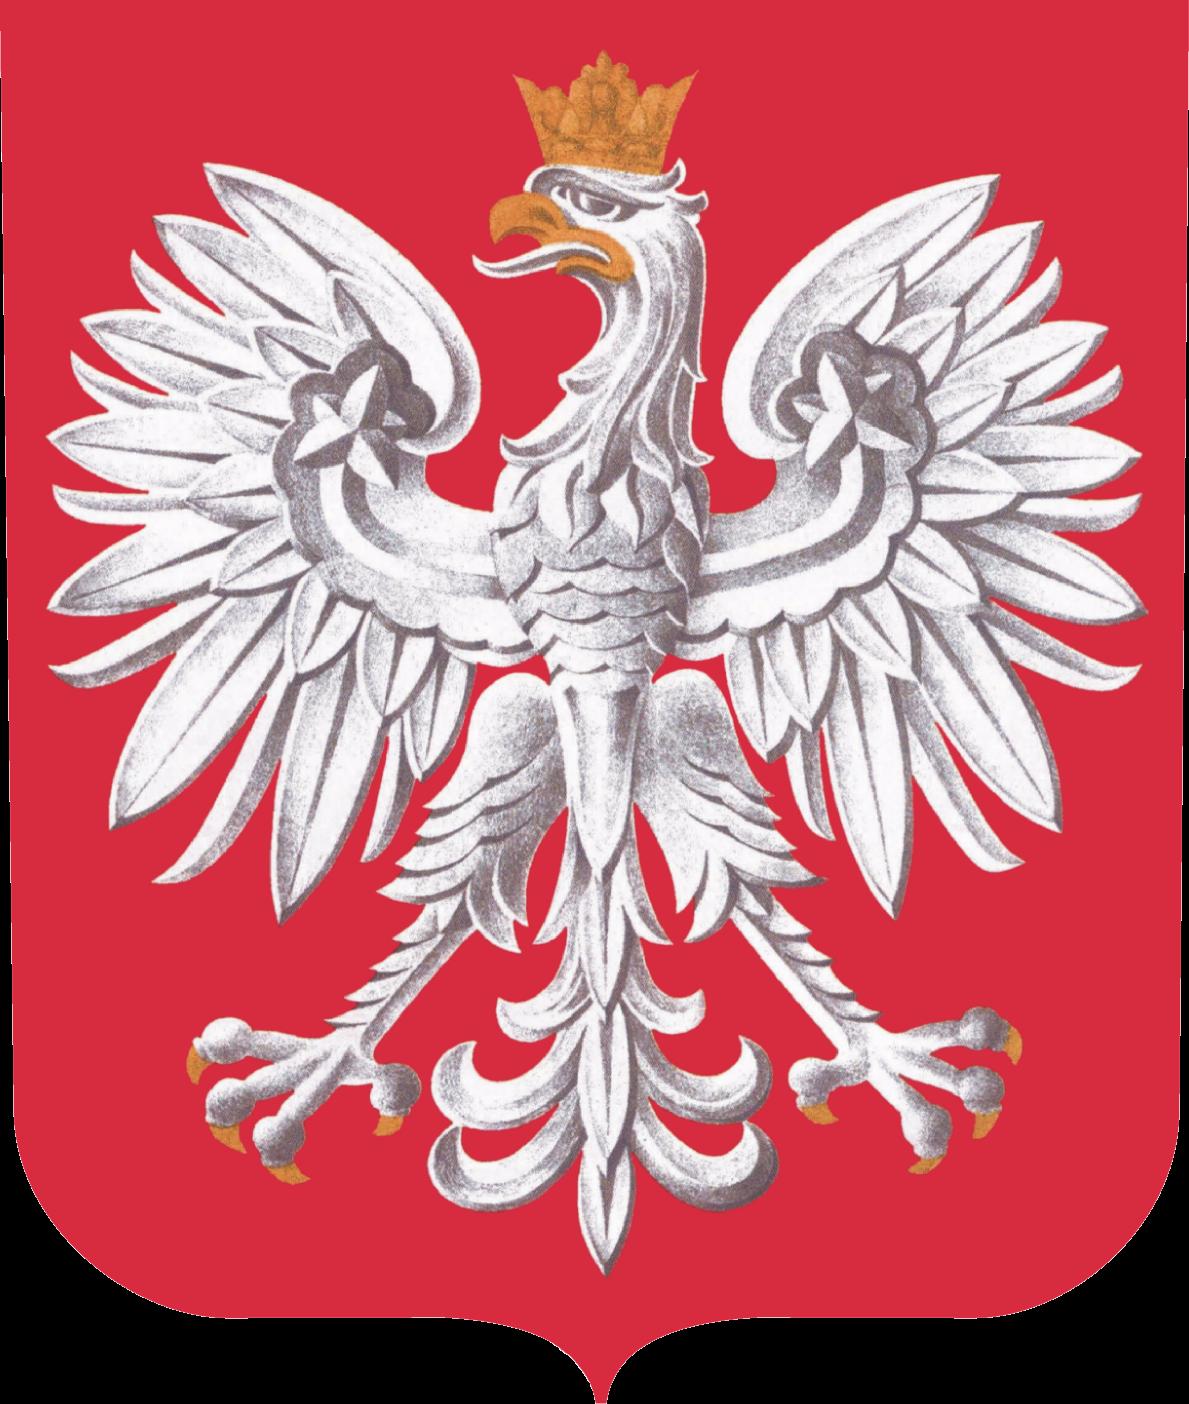 oficjalny herb III RP zwany godłem